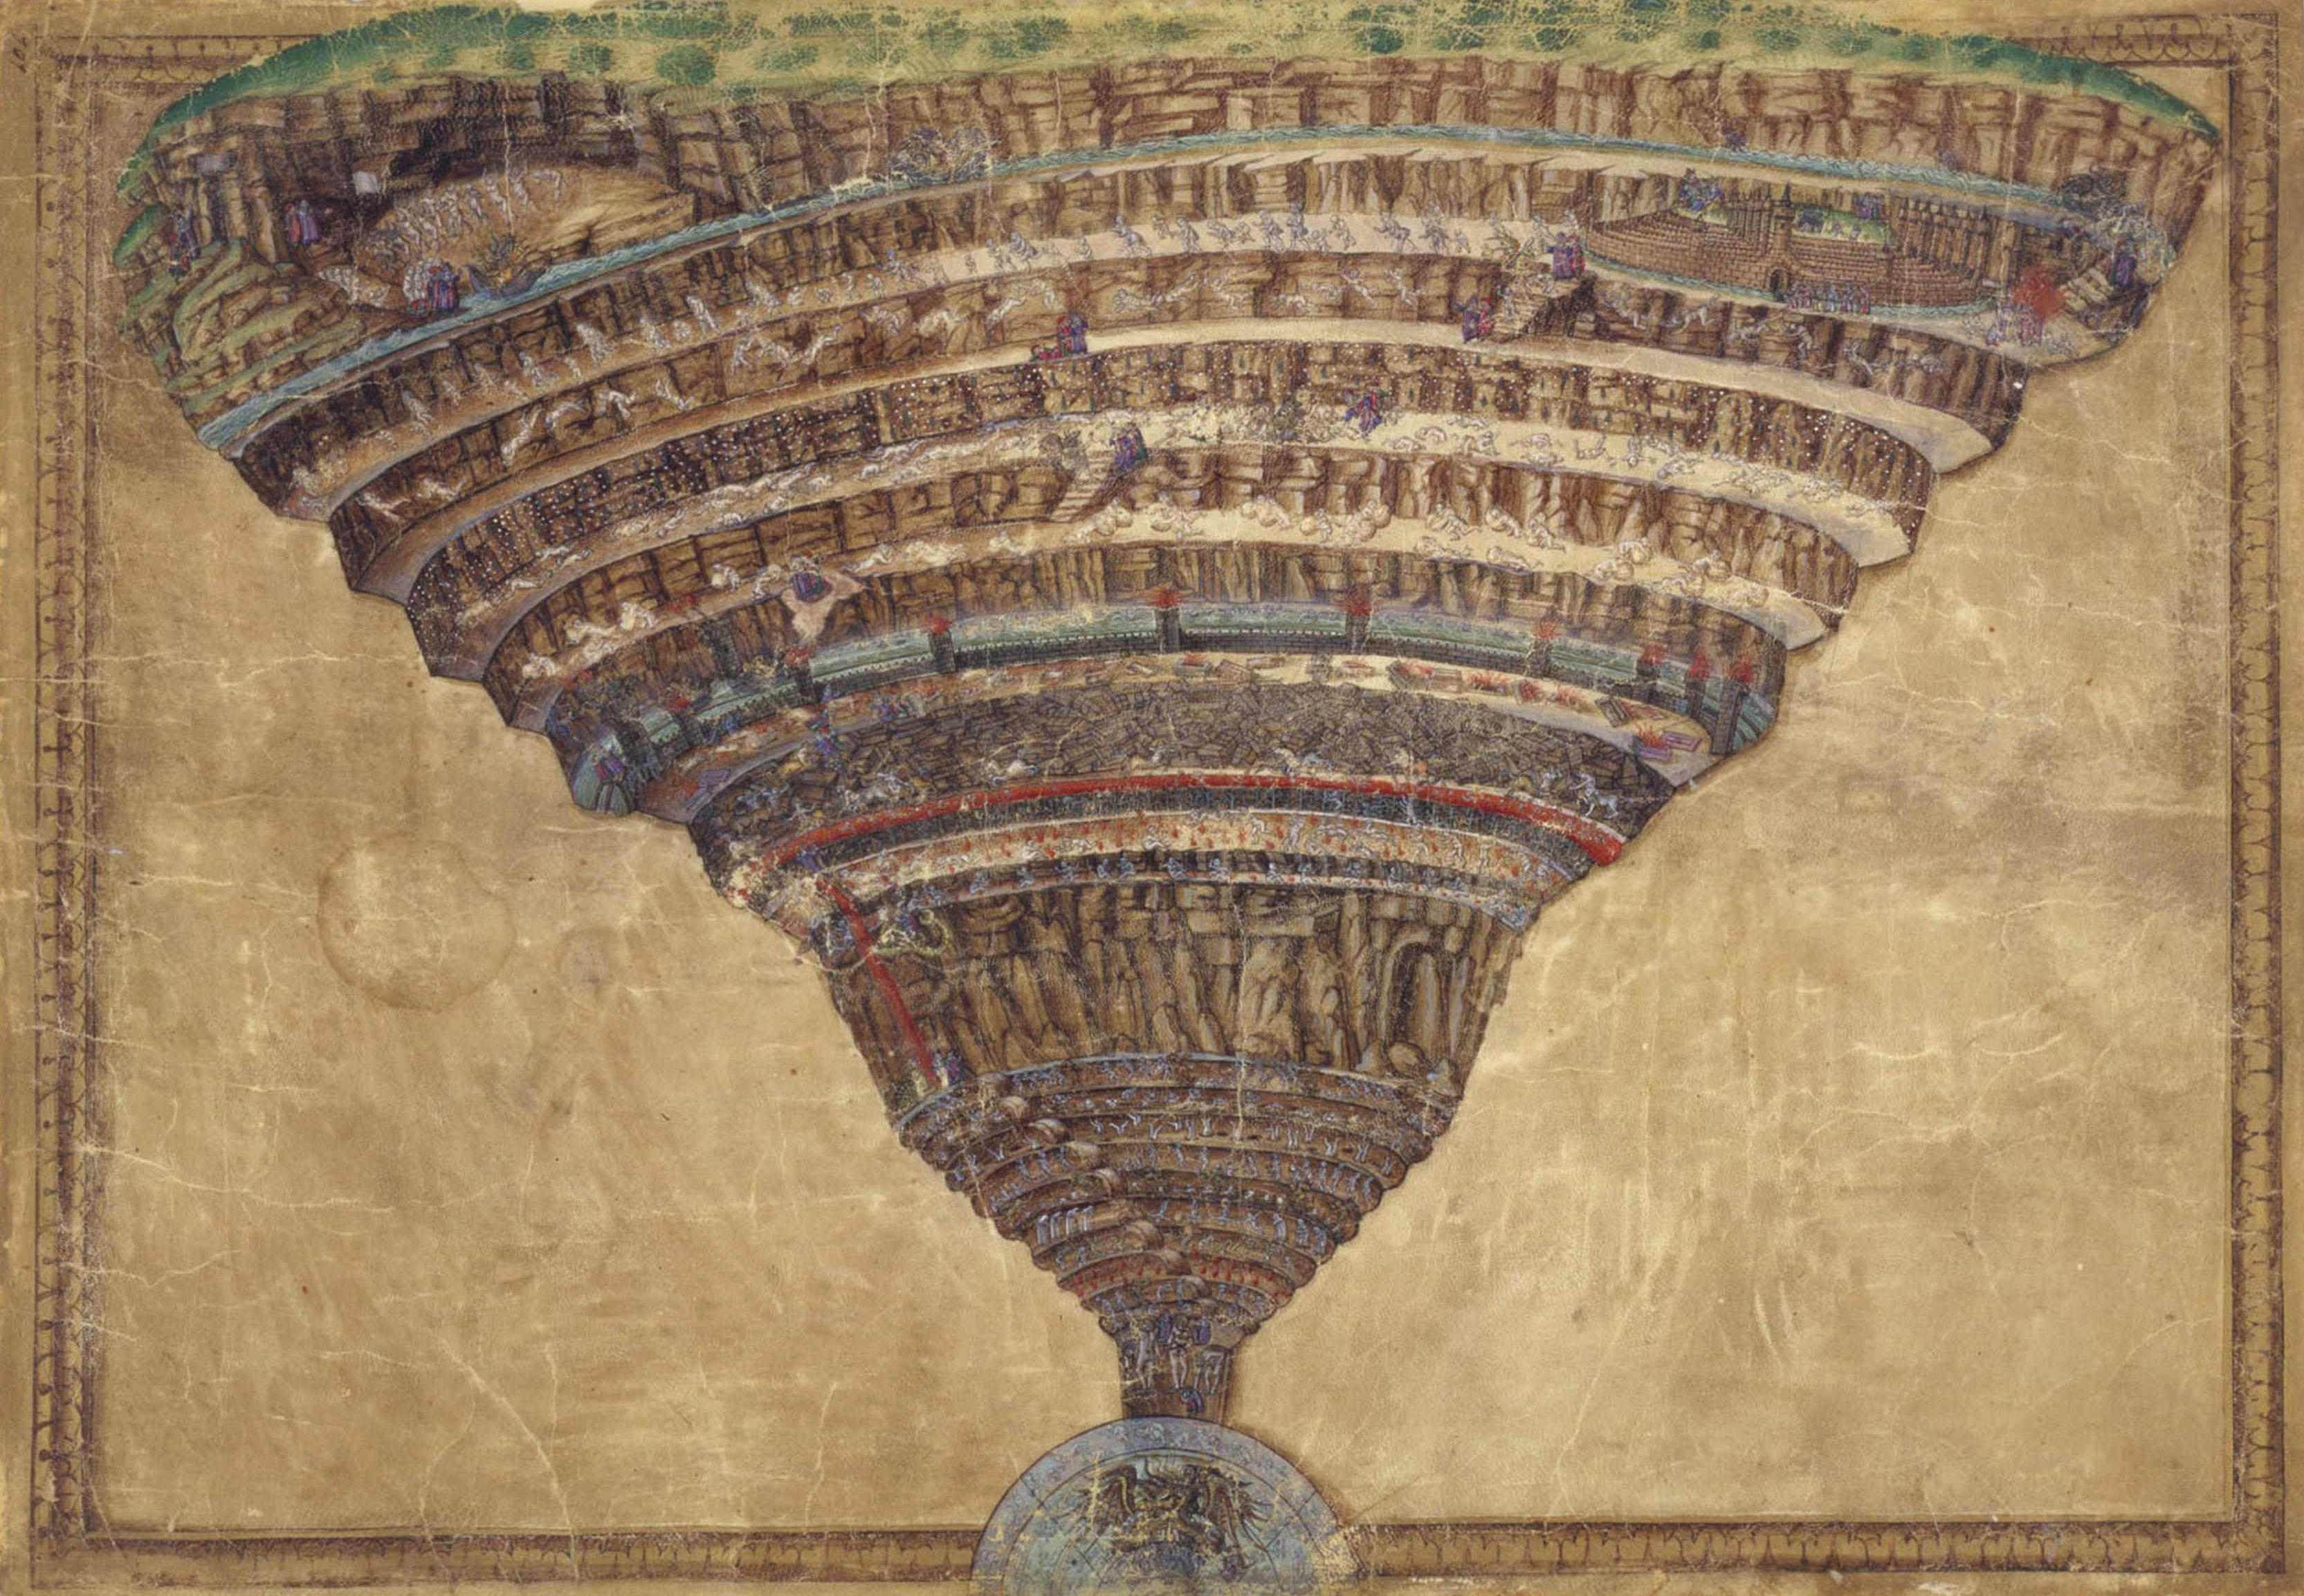 La Divina Commedia - Inferno - Purgatorio - Paradiso